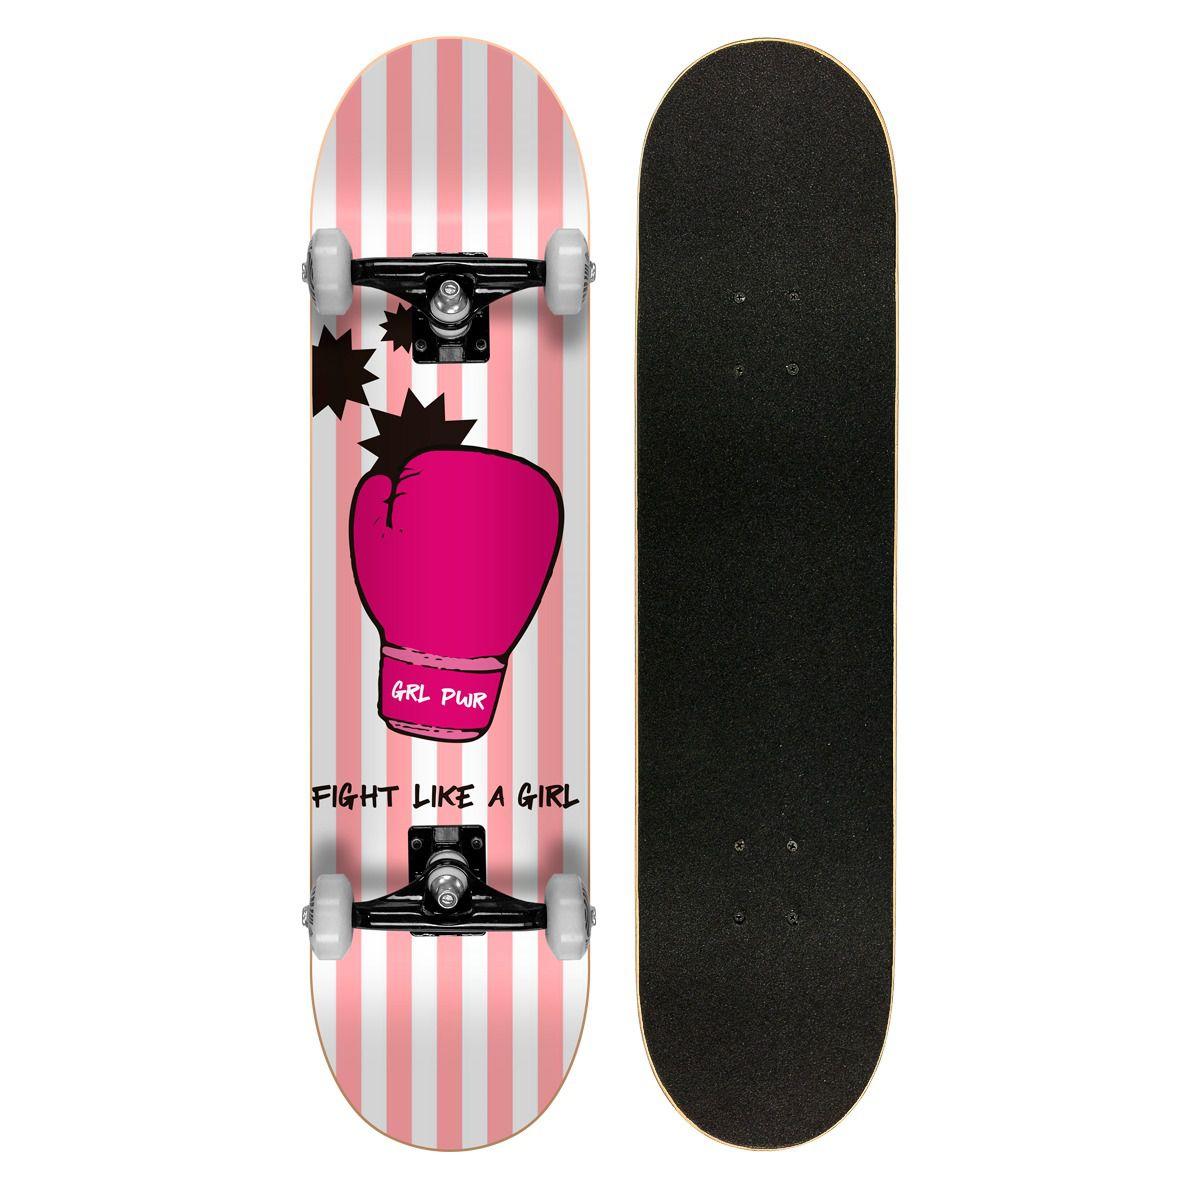 Skate Montado Profissional Cisco Feminino Glove - Abec 7